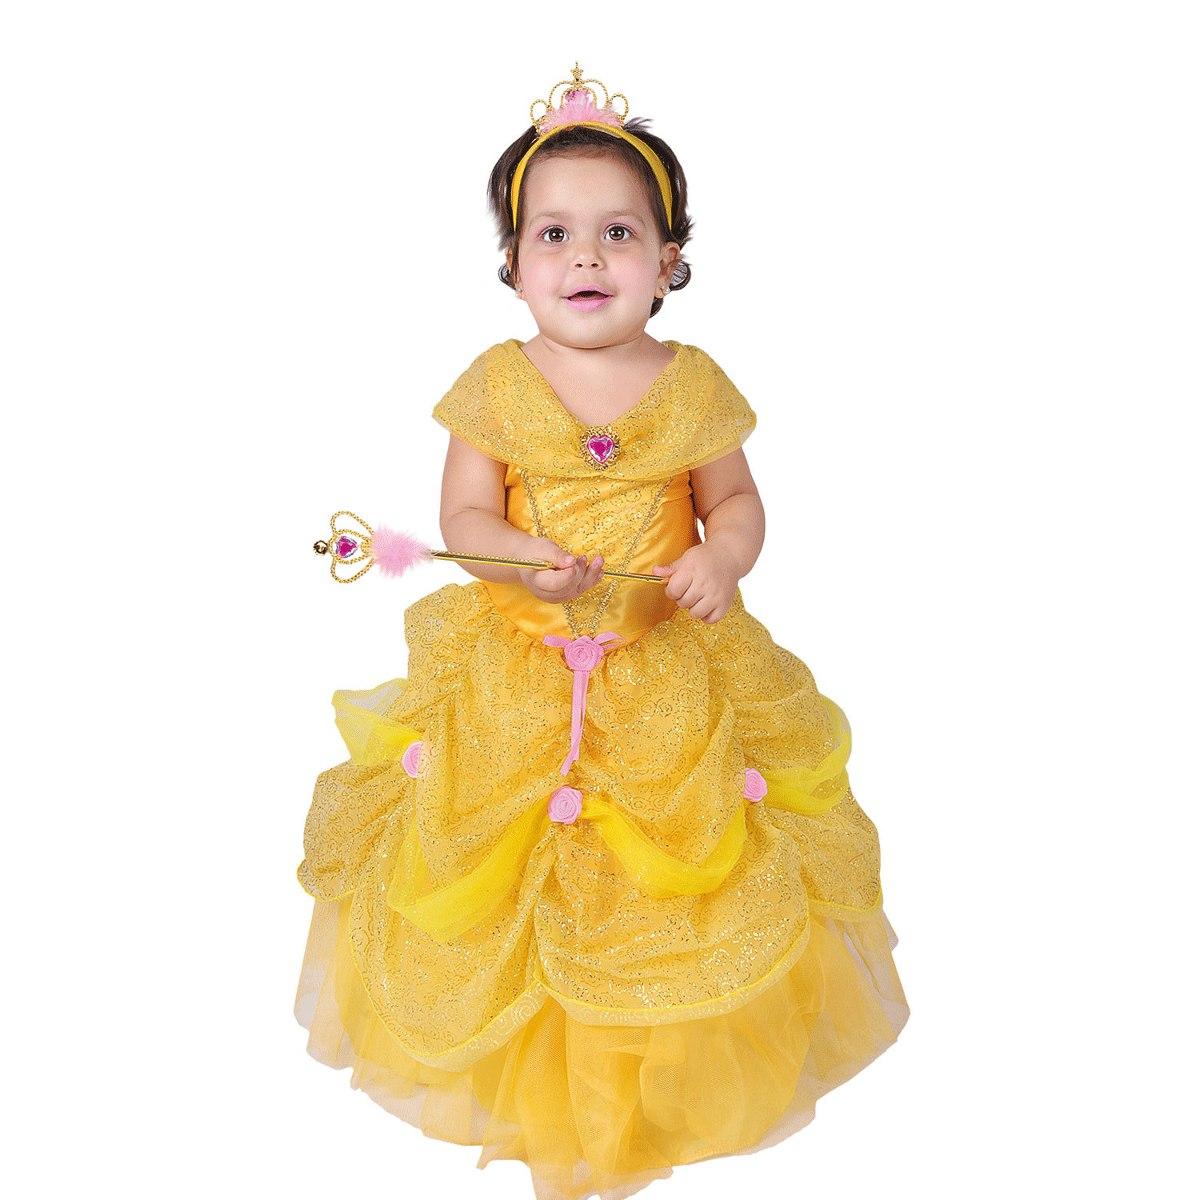 Disfraz princesa bella bebe bs en mercado - Disfraces para bebe nina ...